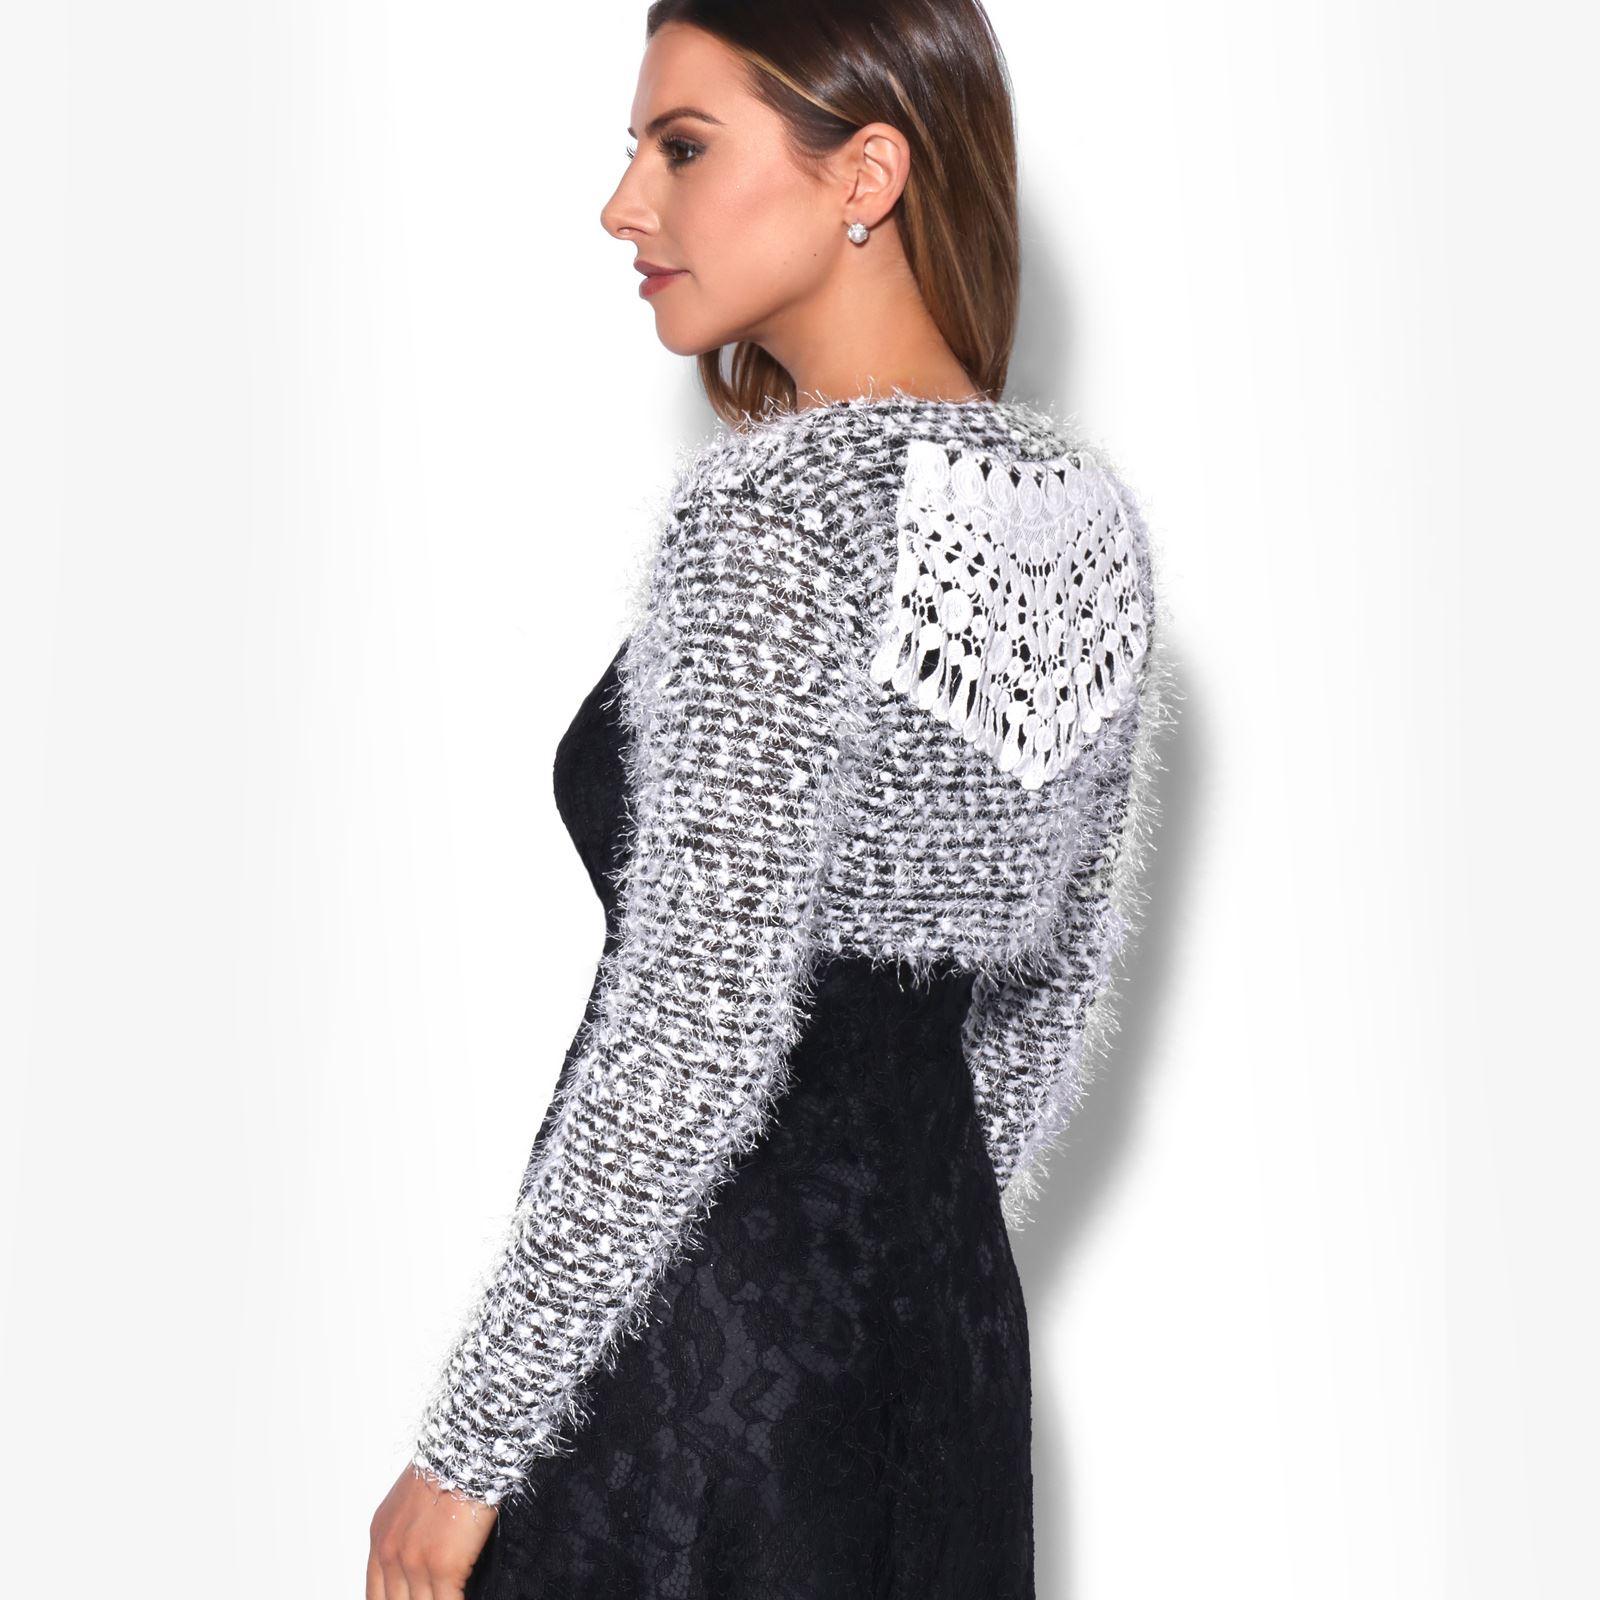 KRISP-Damen-Bolero-Jacke-Kurzes-Jaeckchen-Elegante-Schulterjacke-Blazer-Frauen Indexbild 11